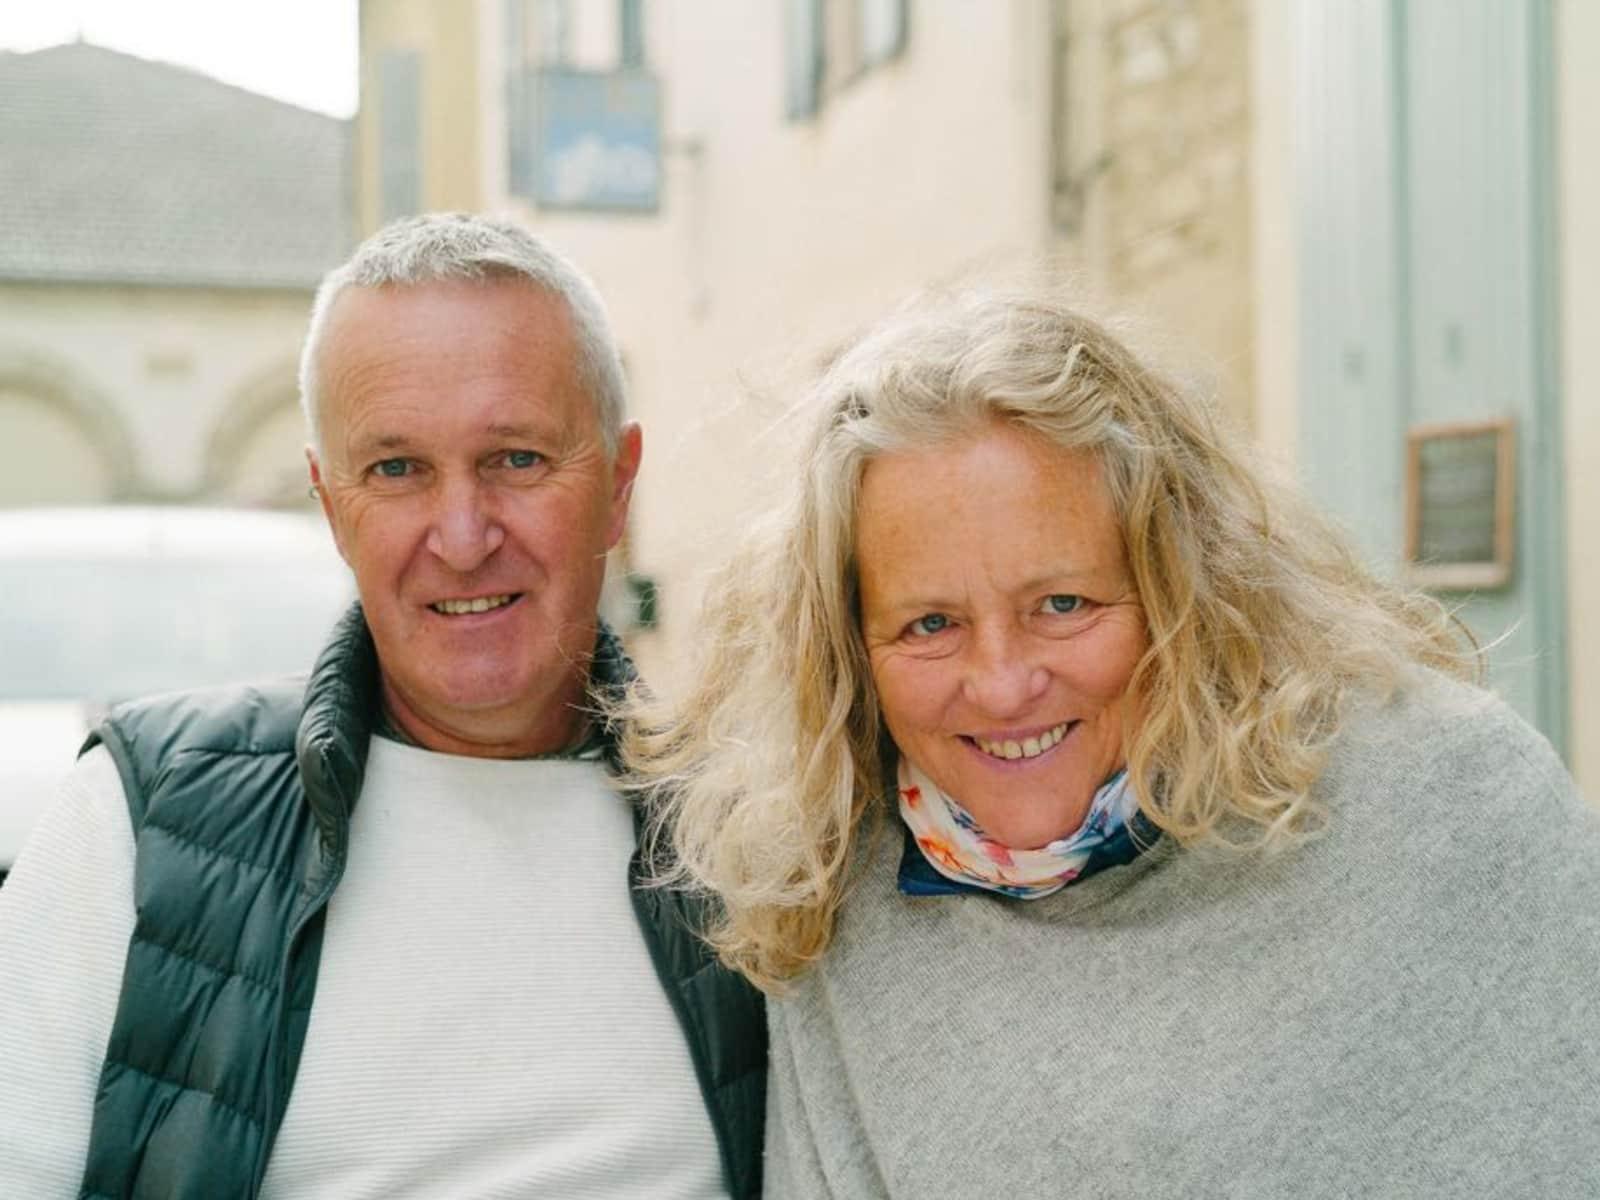 Julie & Trevor from Beverley, United Kingdom